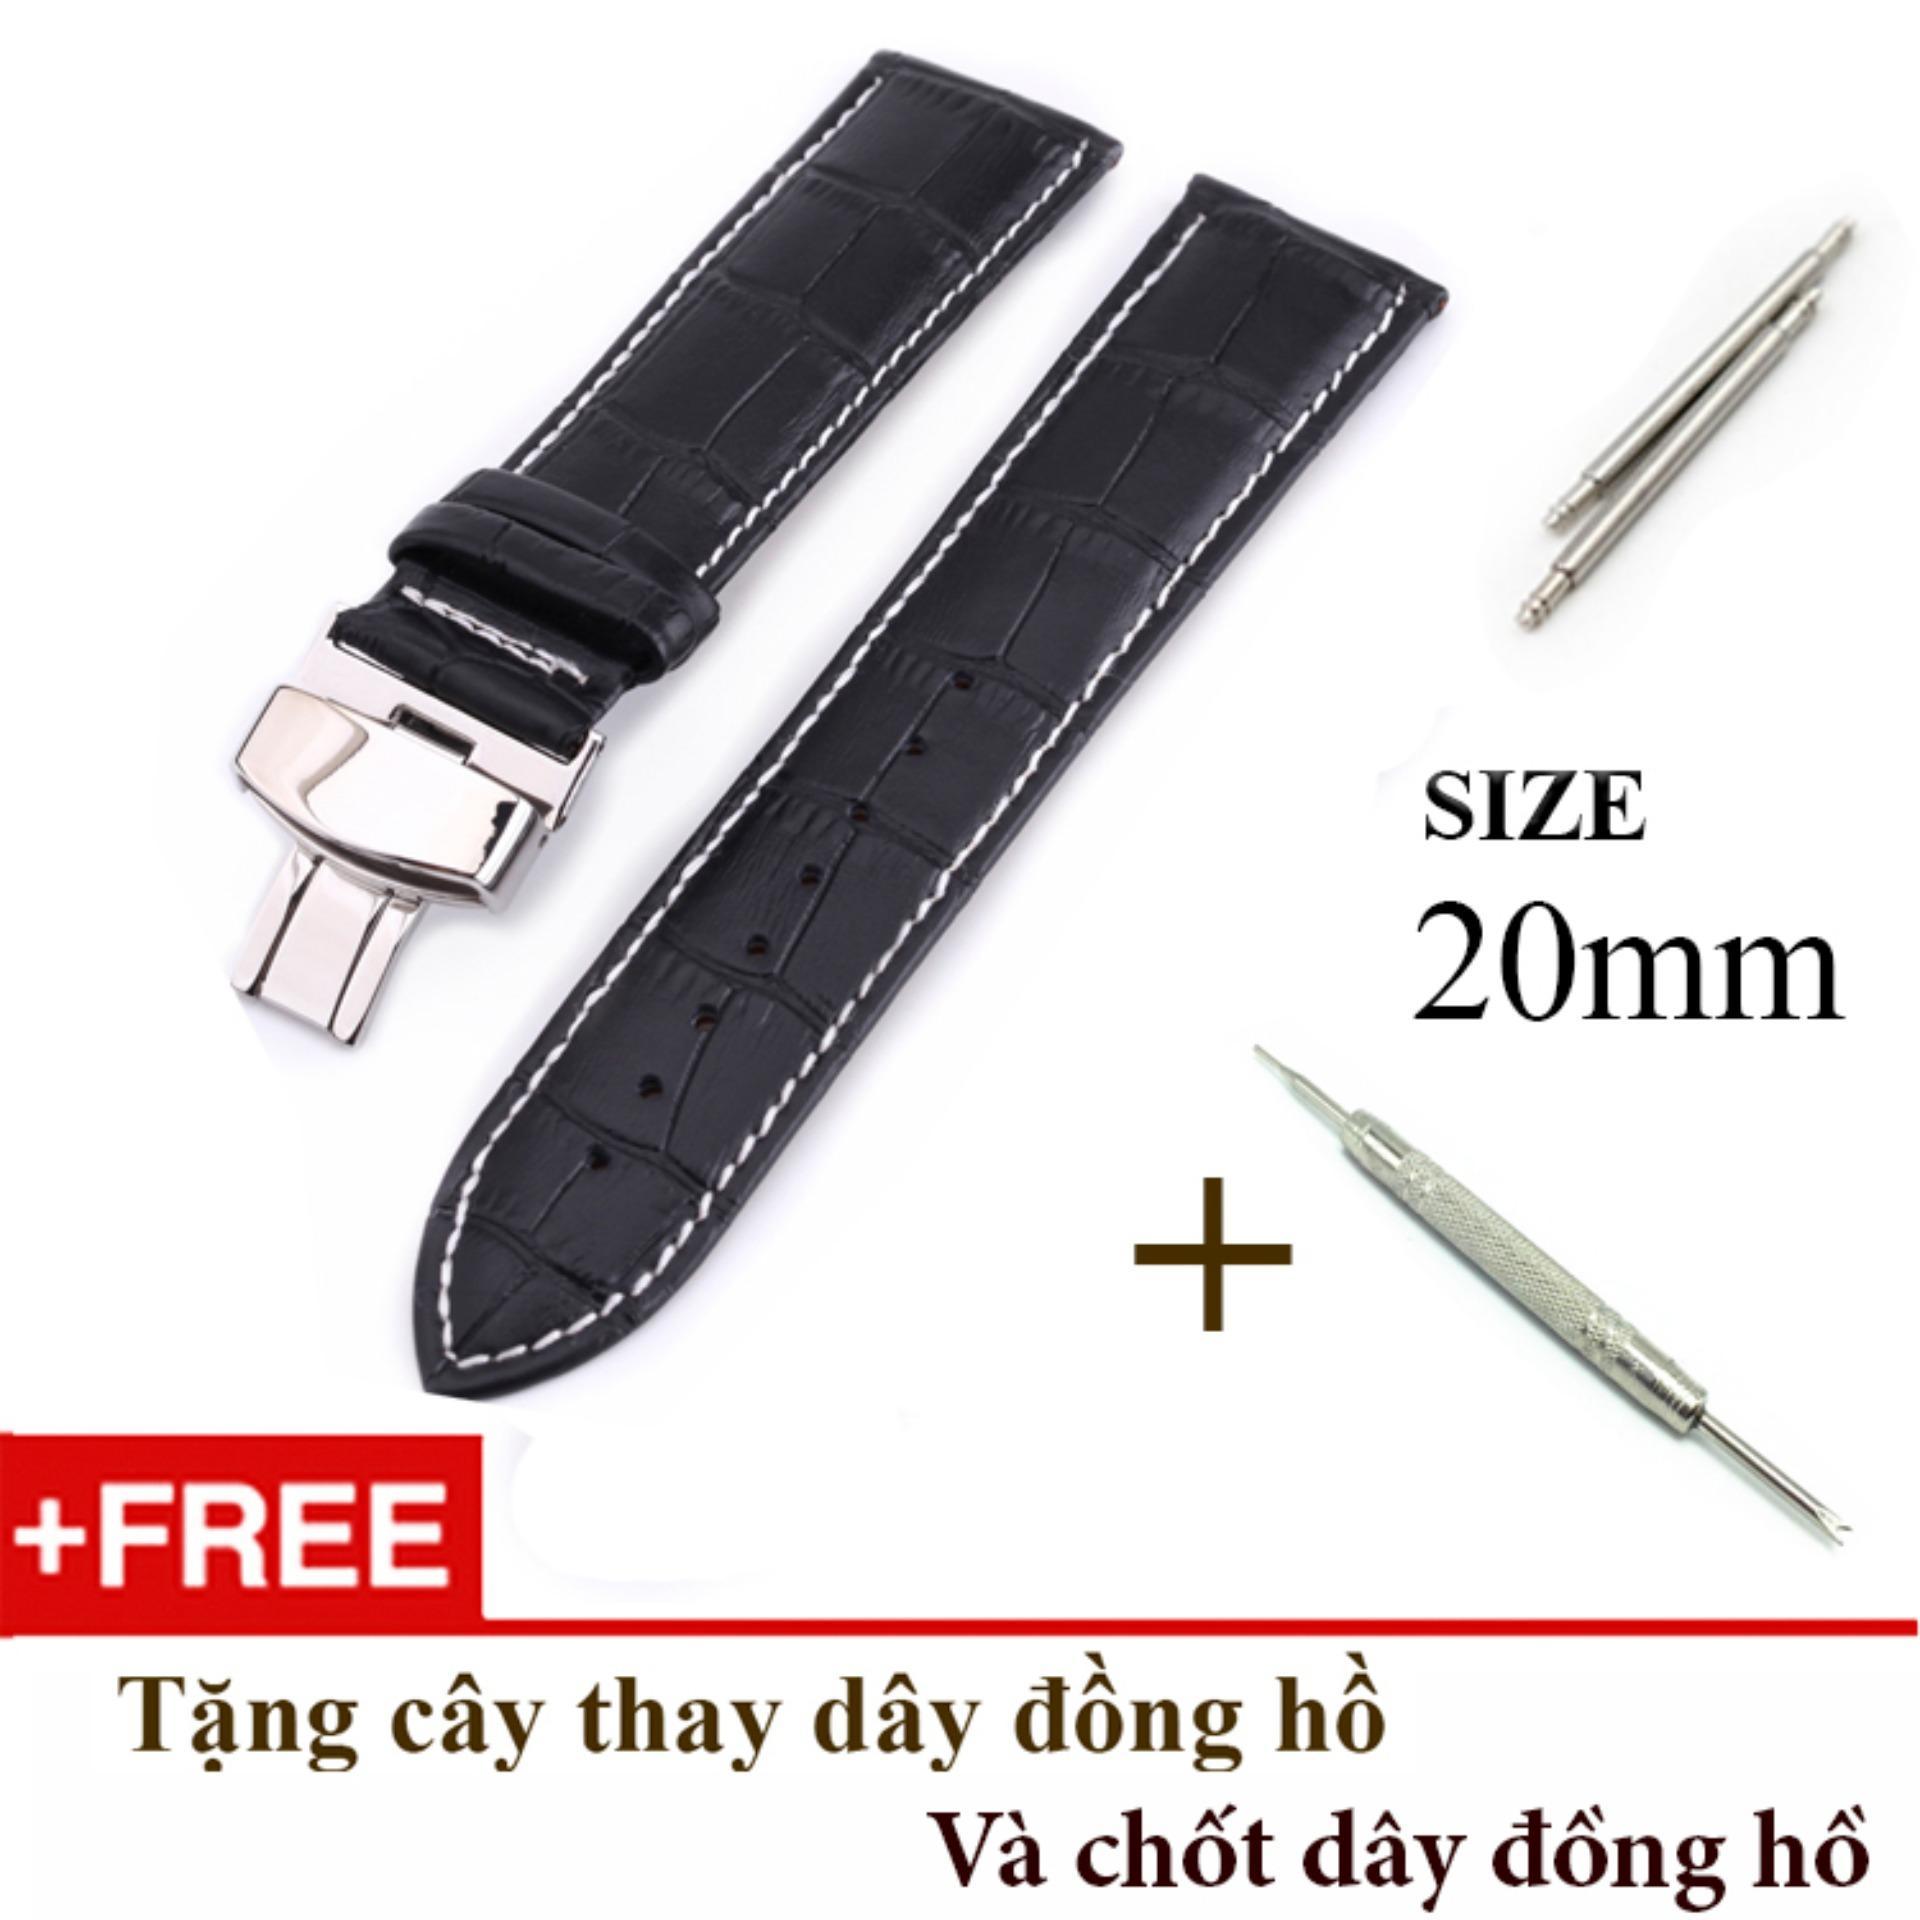 Dây đồng hồ da bò xịn SIZE 20mm, khóa bướm thép 316 (đen-B10) bán chạy